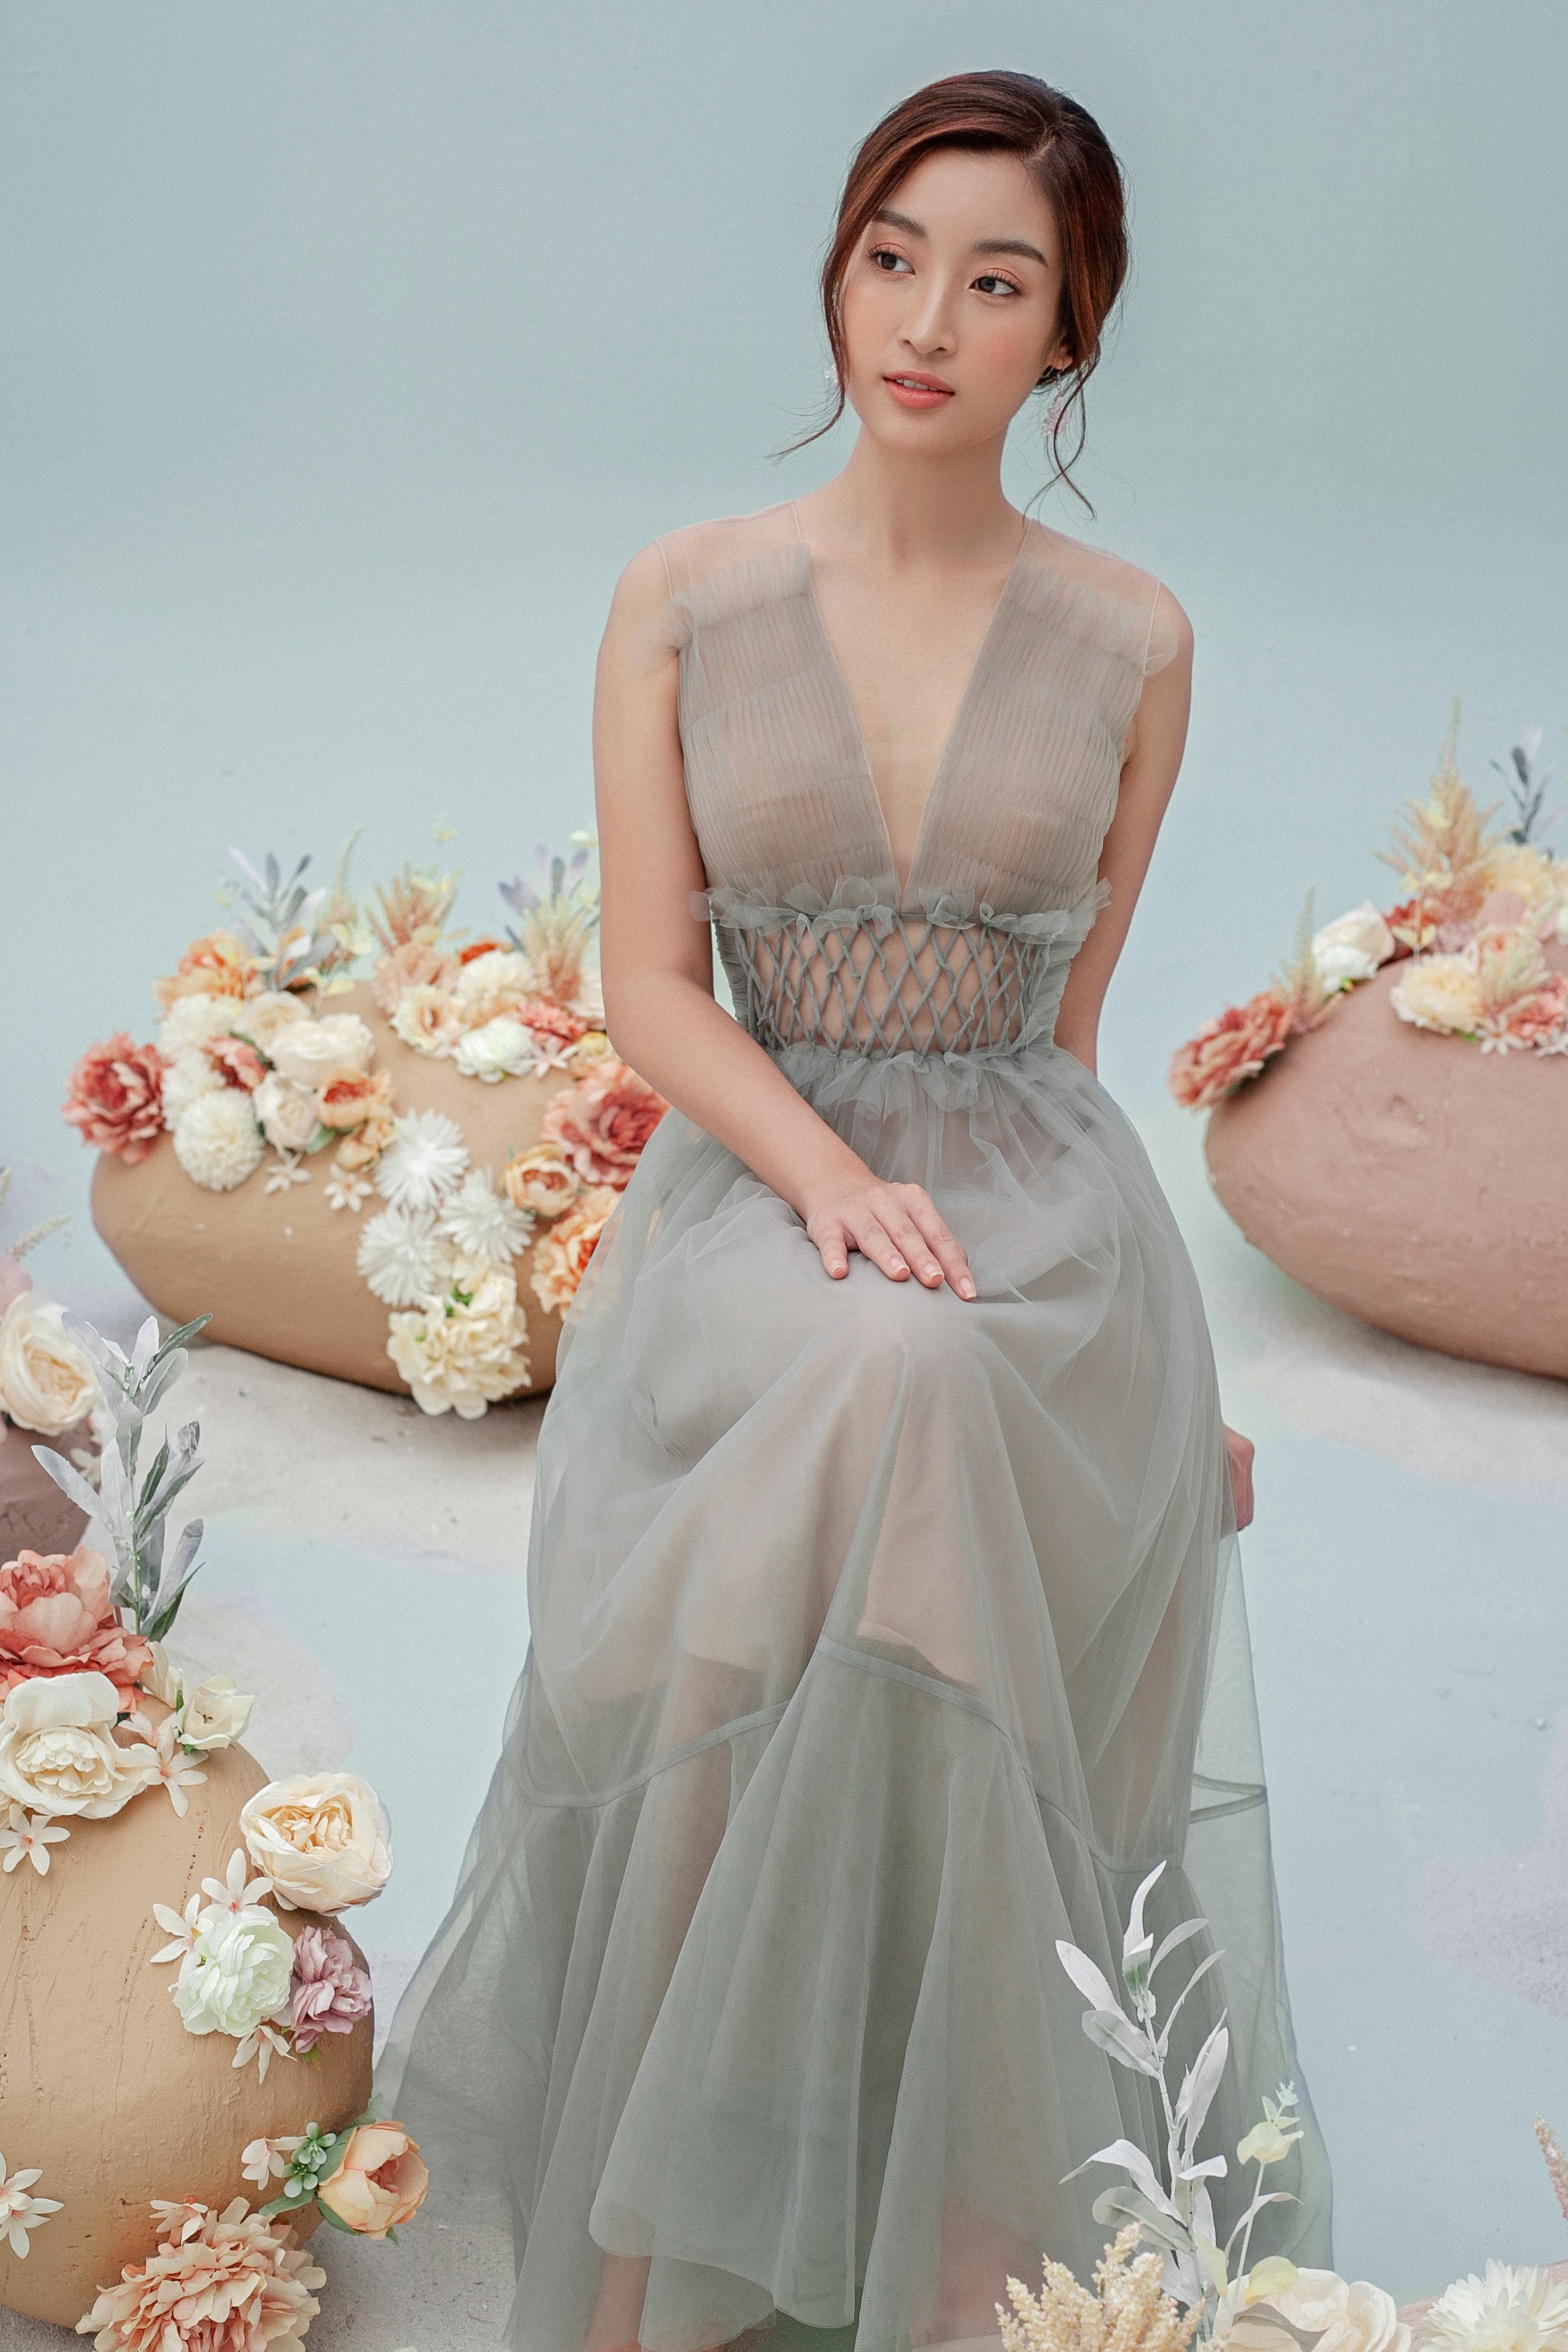 Hoa hậu Đỗ Mỹ Linh mặc váy xuyên thấu, khoe đường cong gợi cảm 6